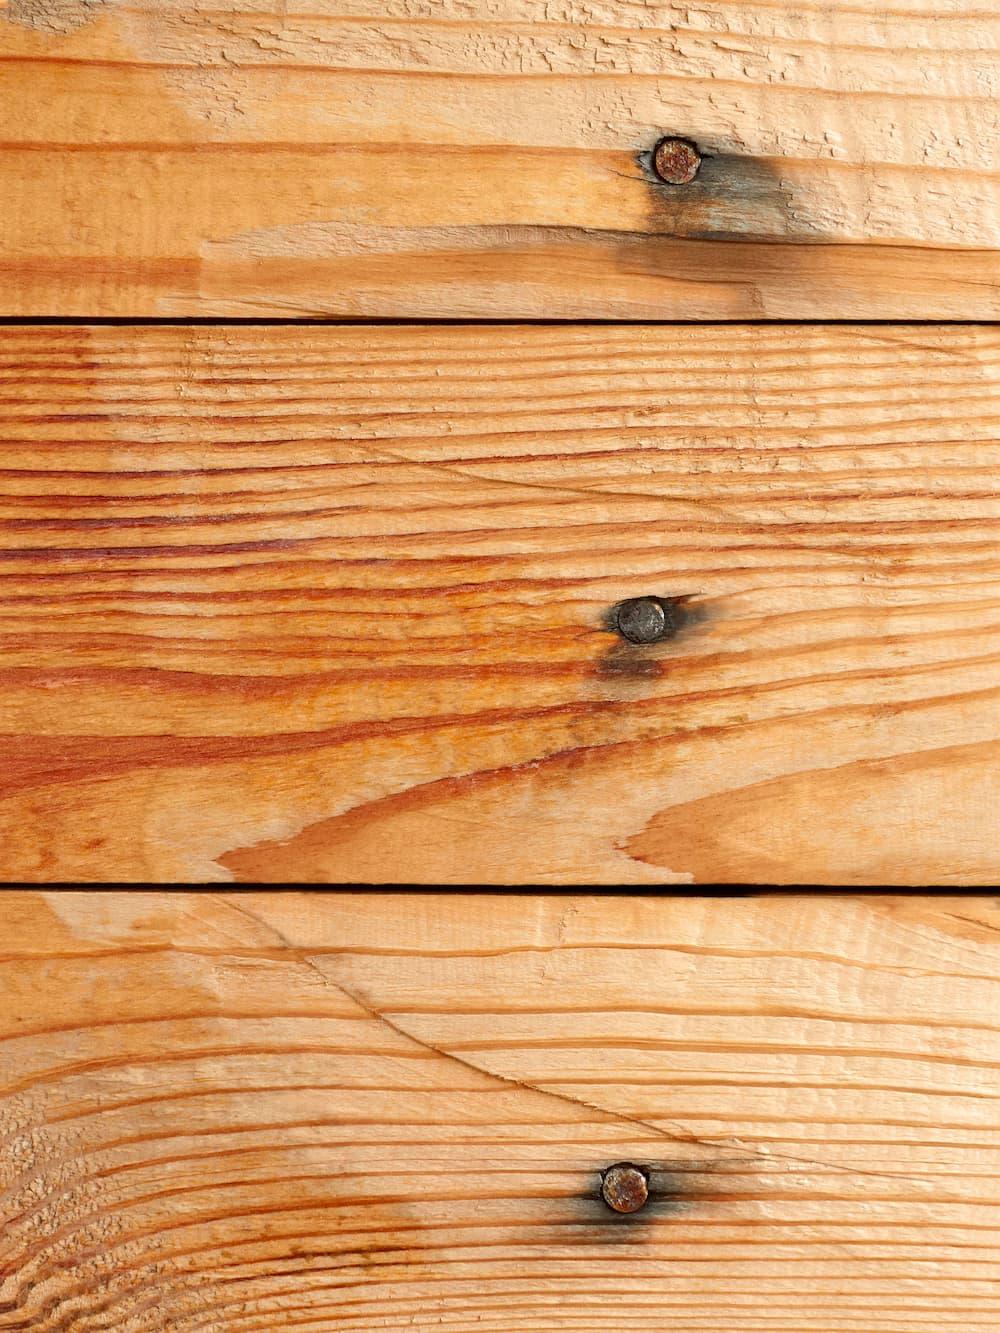 Holz im Aussenbereich mit rostenden Schrauben © Volodymyr Chaban, stock.adobe.com